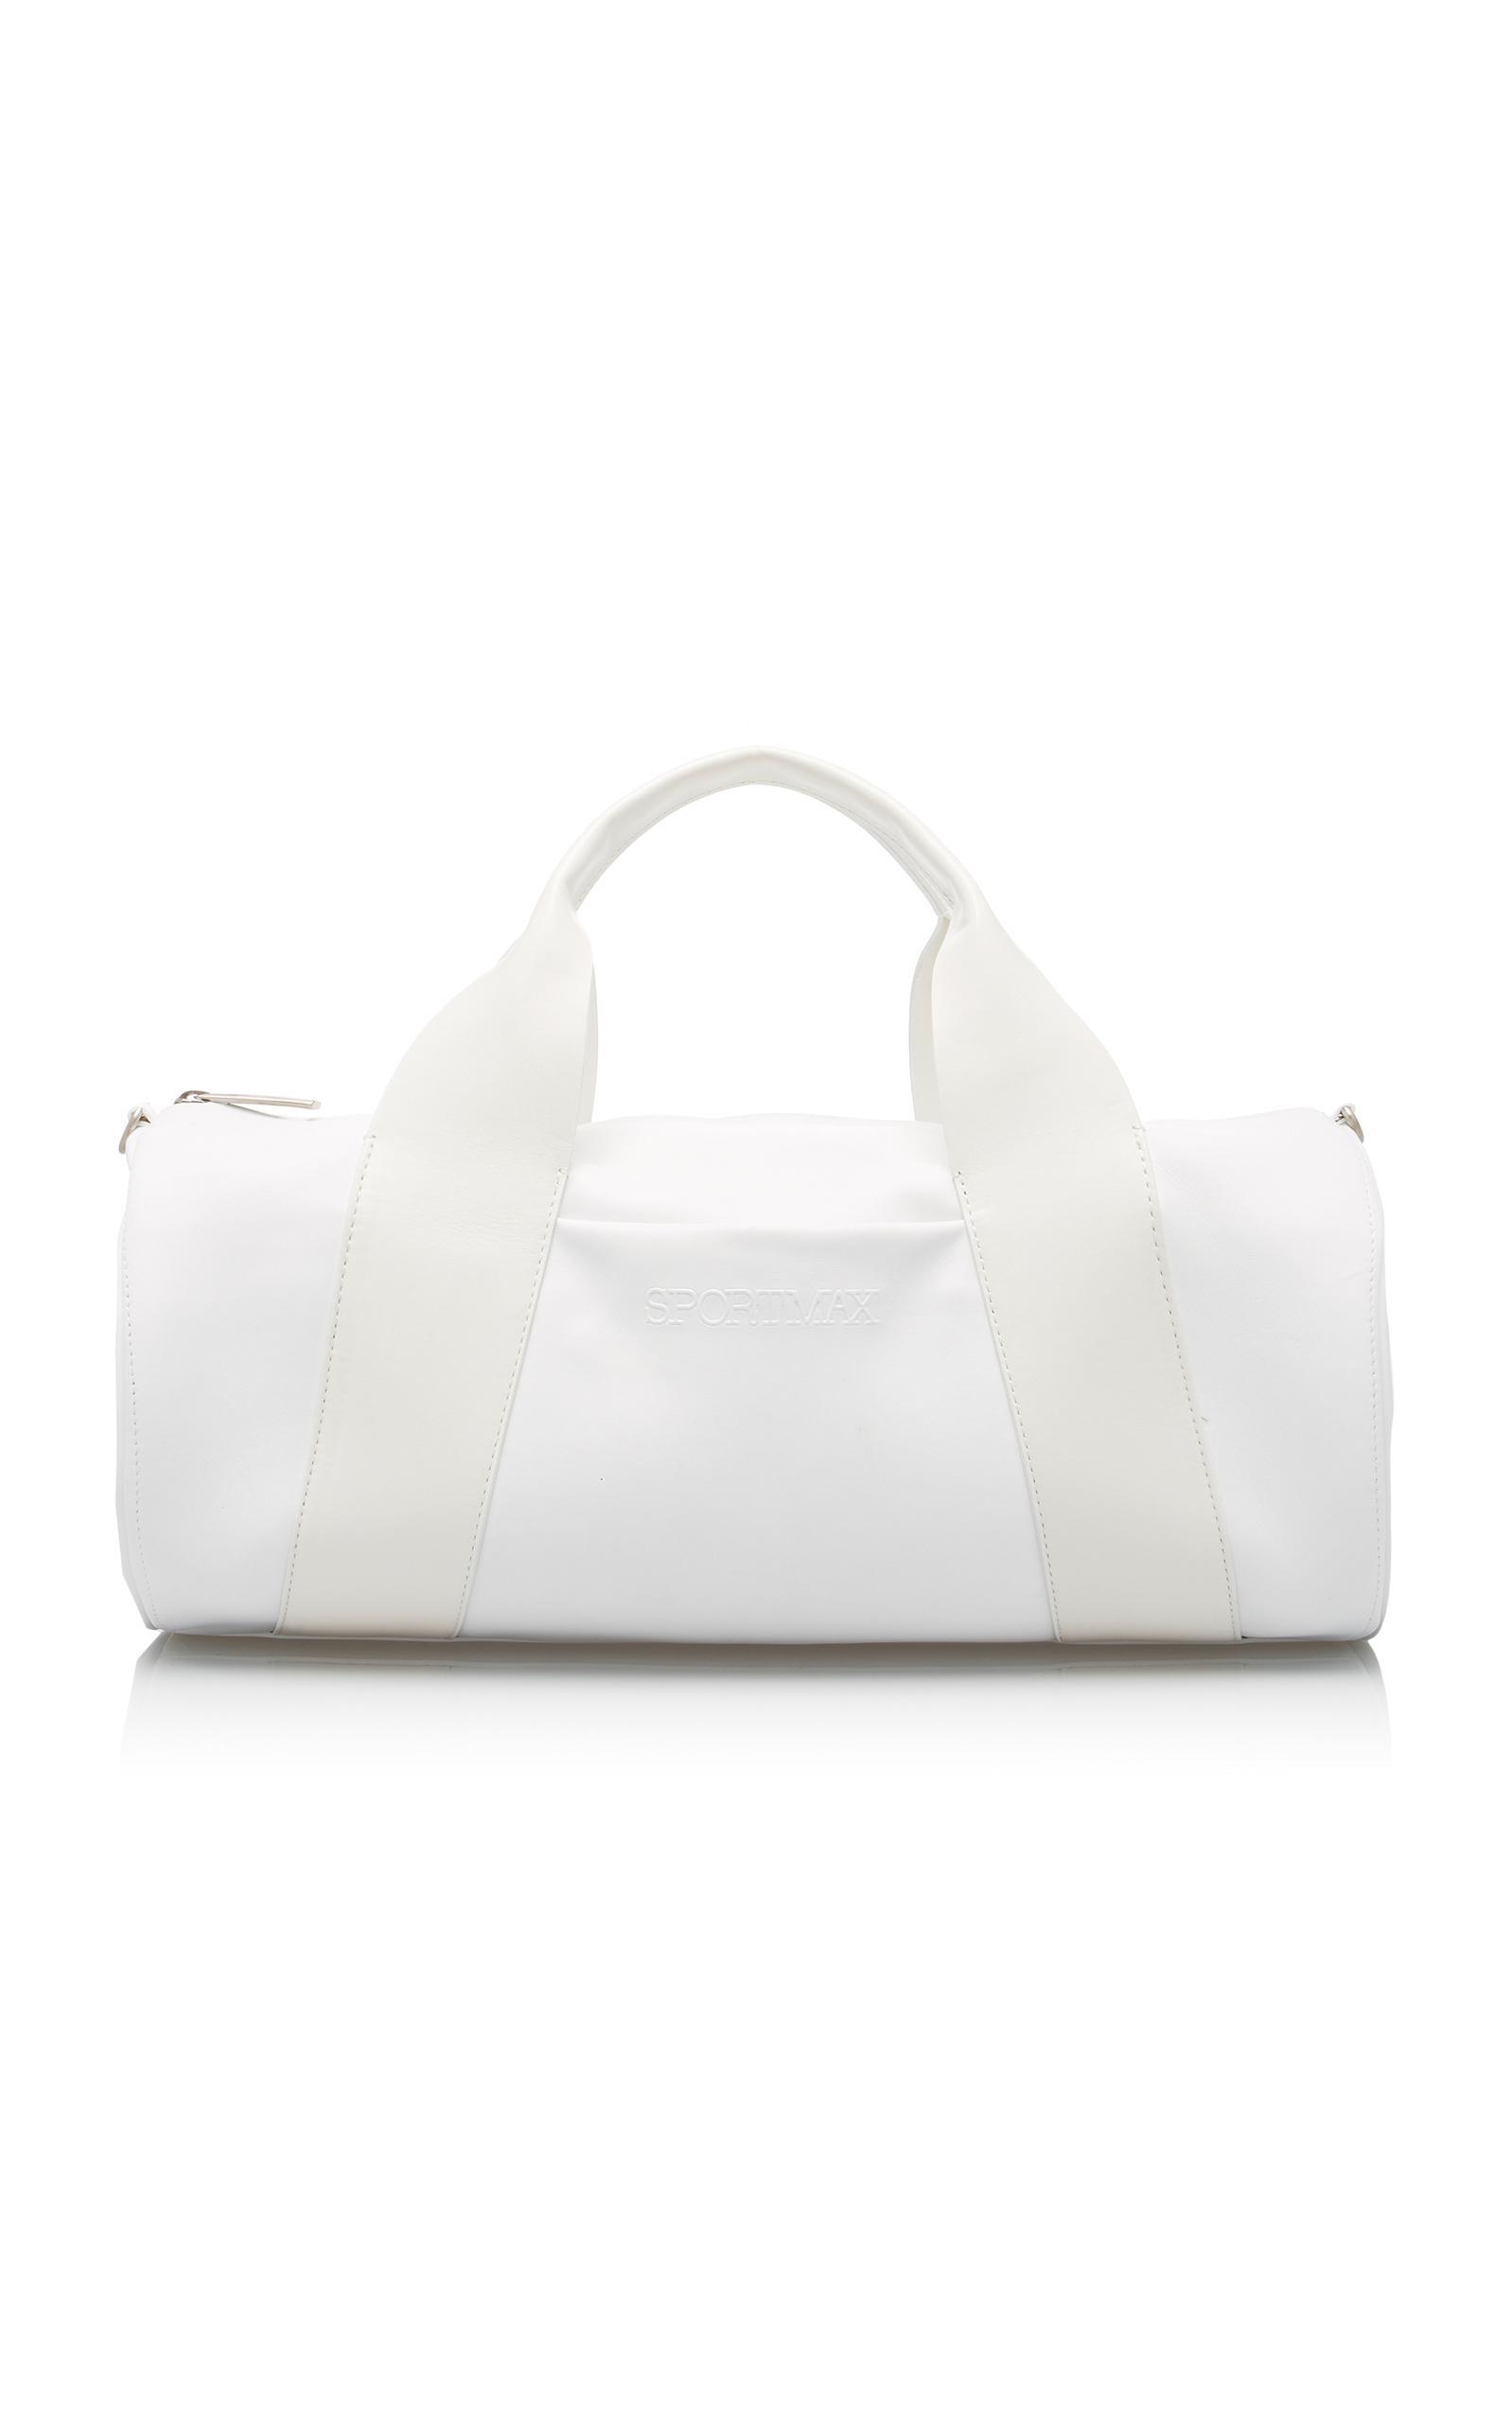 Sportmax Miglio Leather Duffel In White